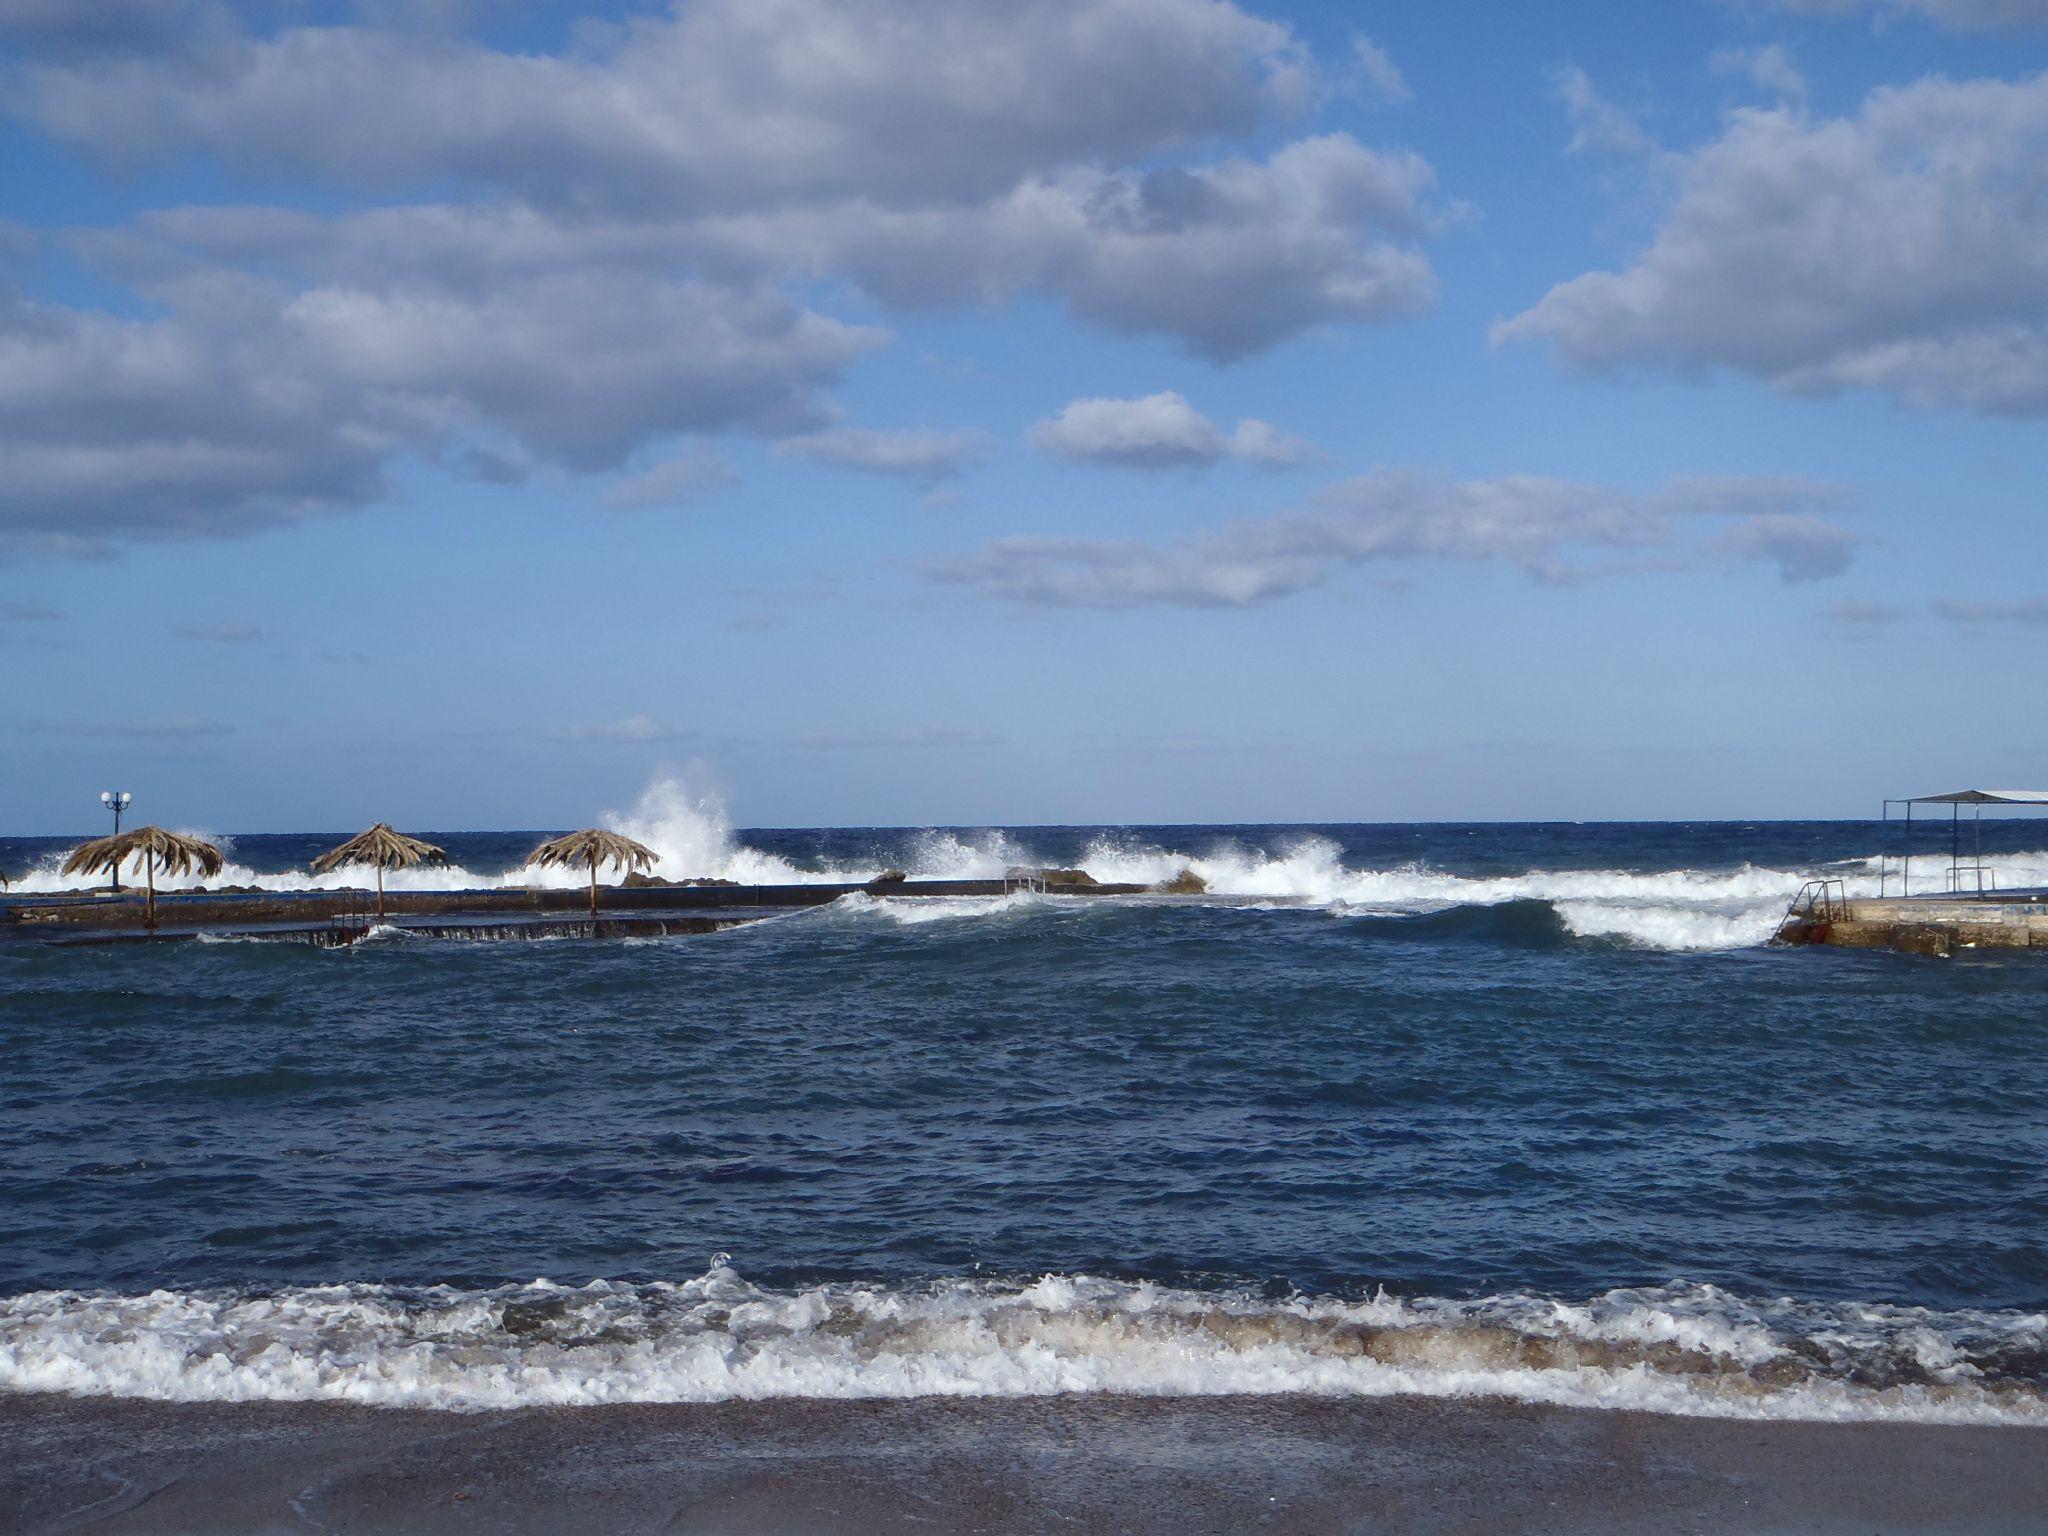 grece en remontant sur kalogria vent fort sur les vagues